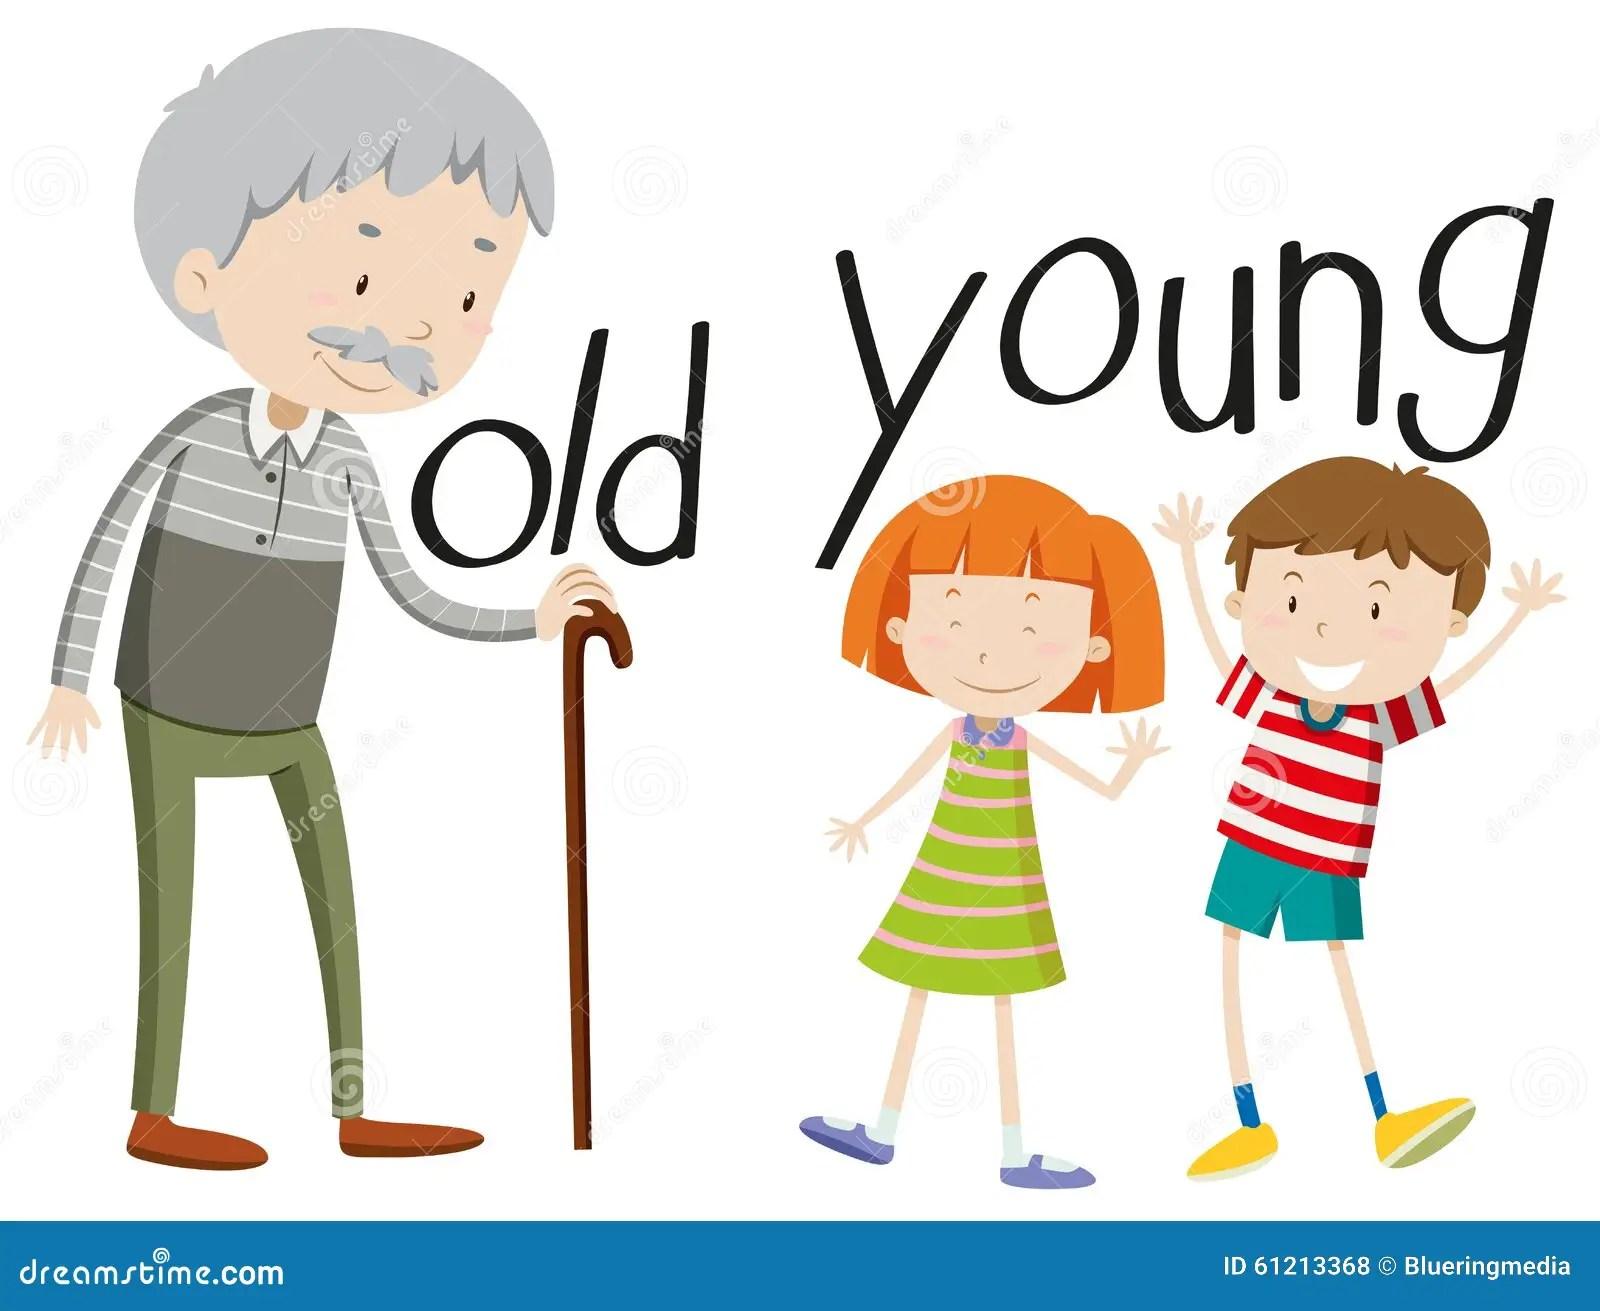 Adjetivos Opuestos Viejos Y Jovenes Ilustracion Del Vector